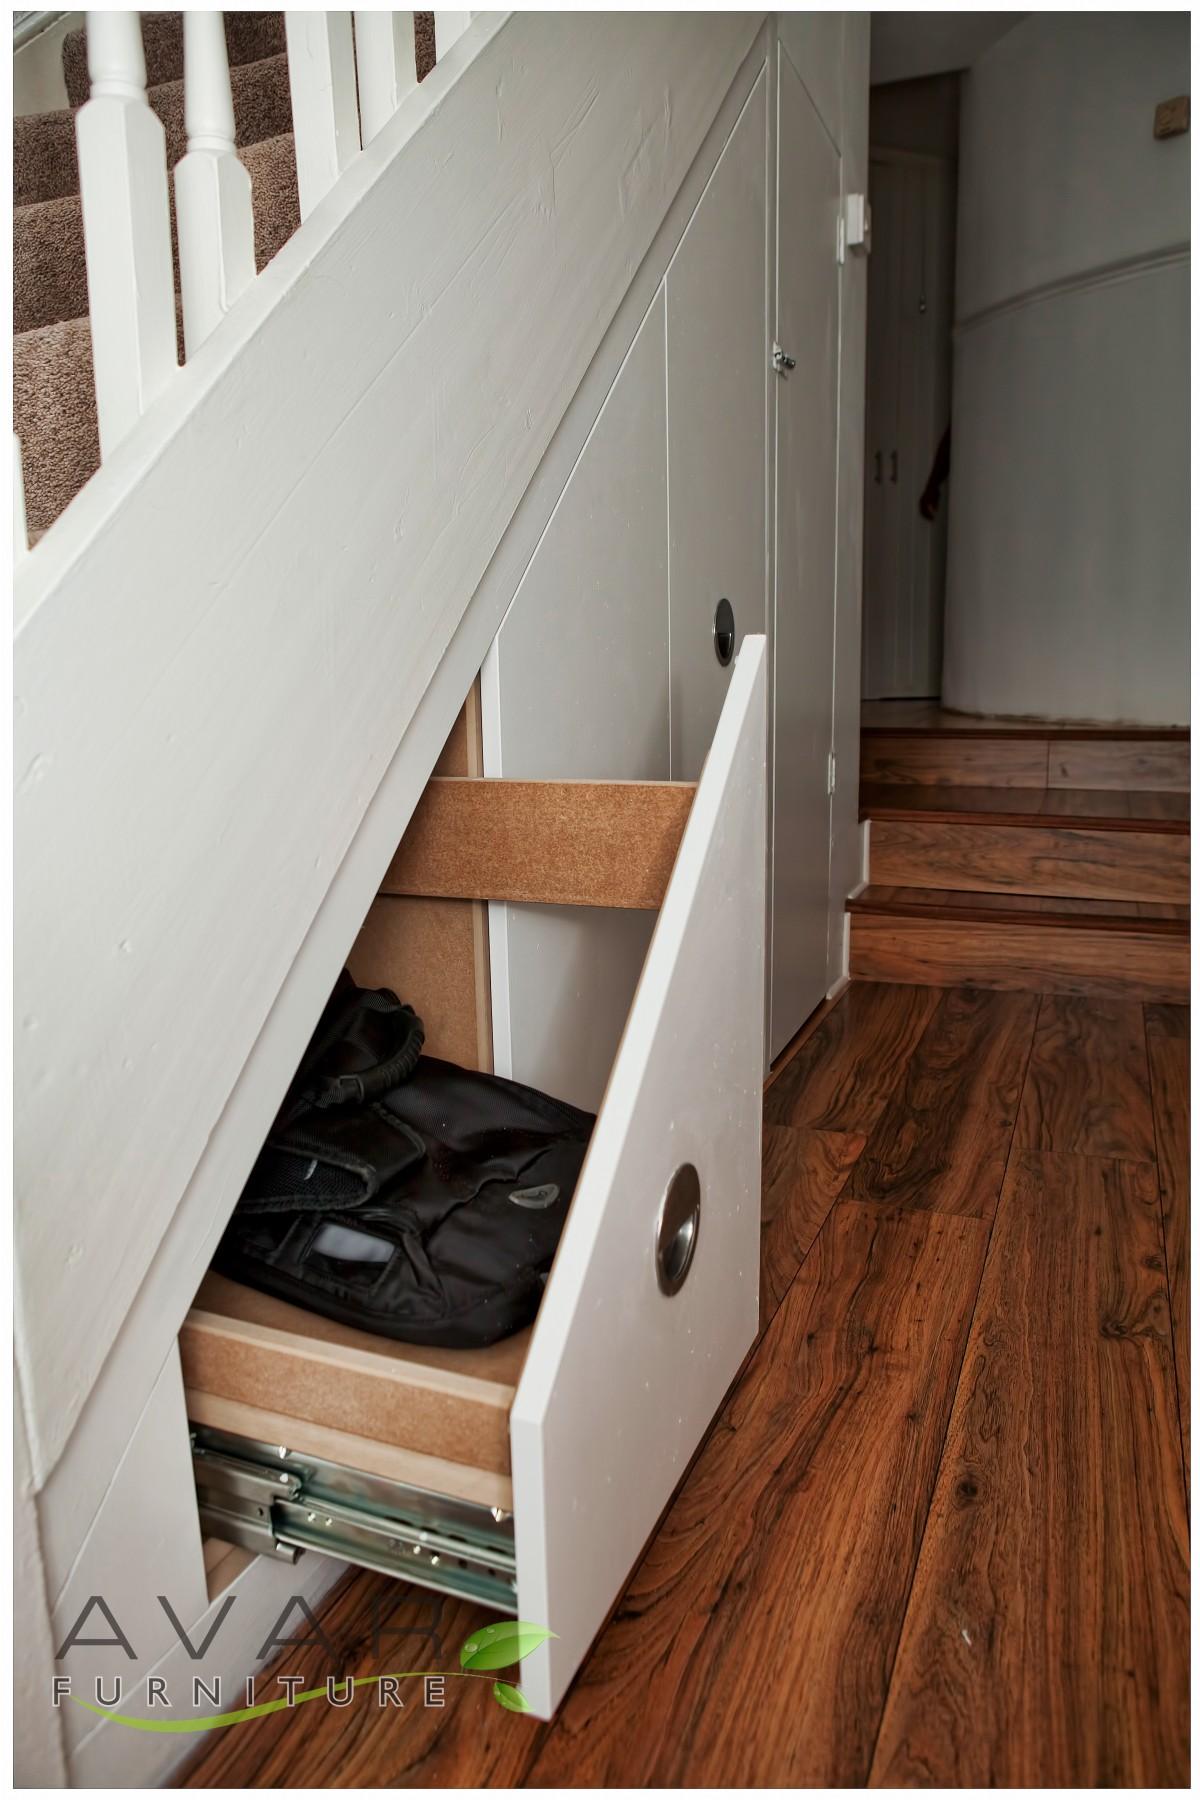 ƸӜƷ under stairs storage ideas / gallery 16 | north london, uk